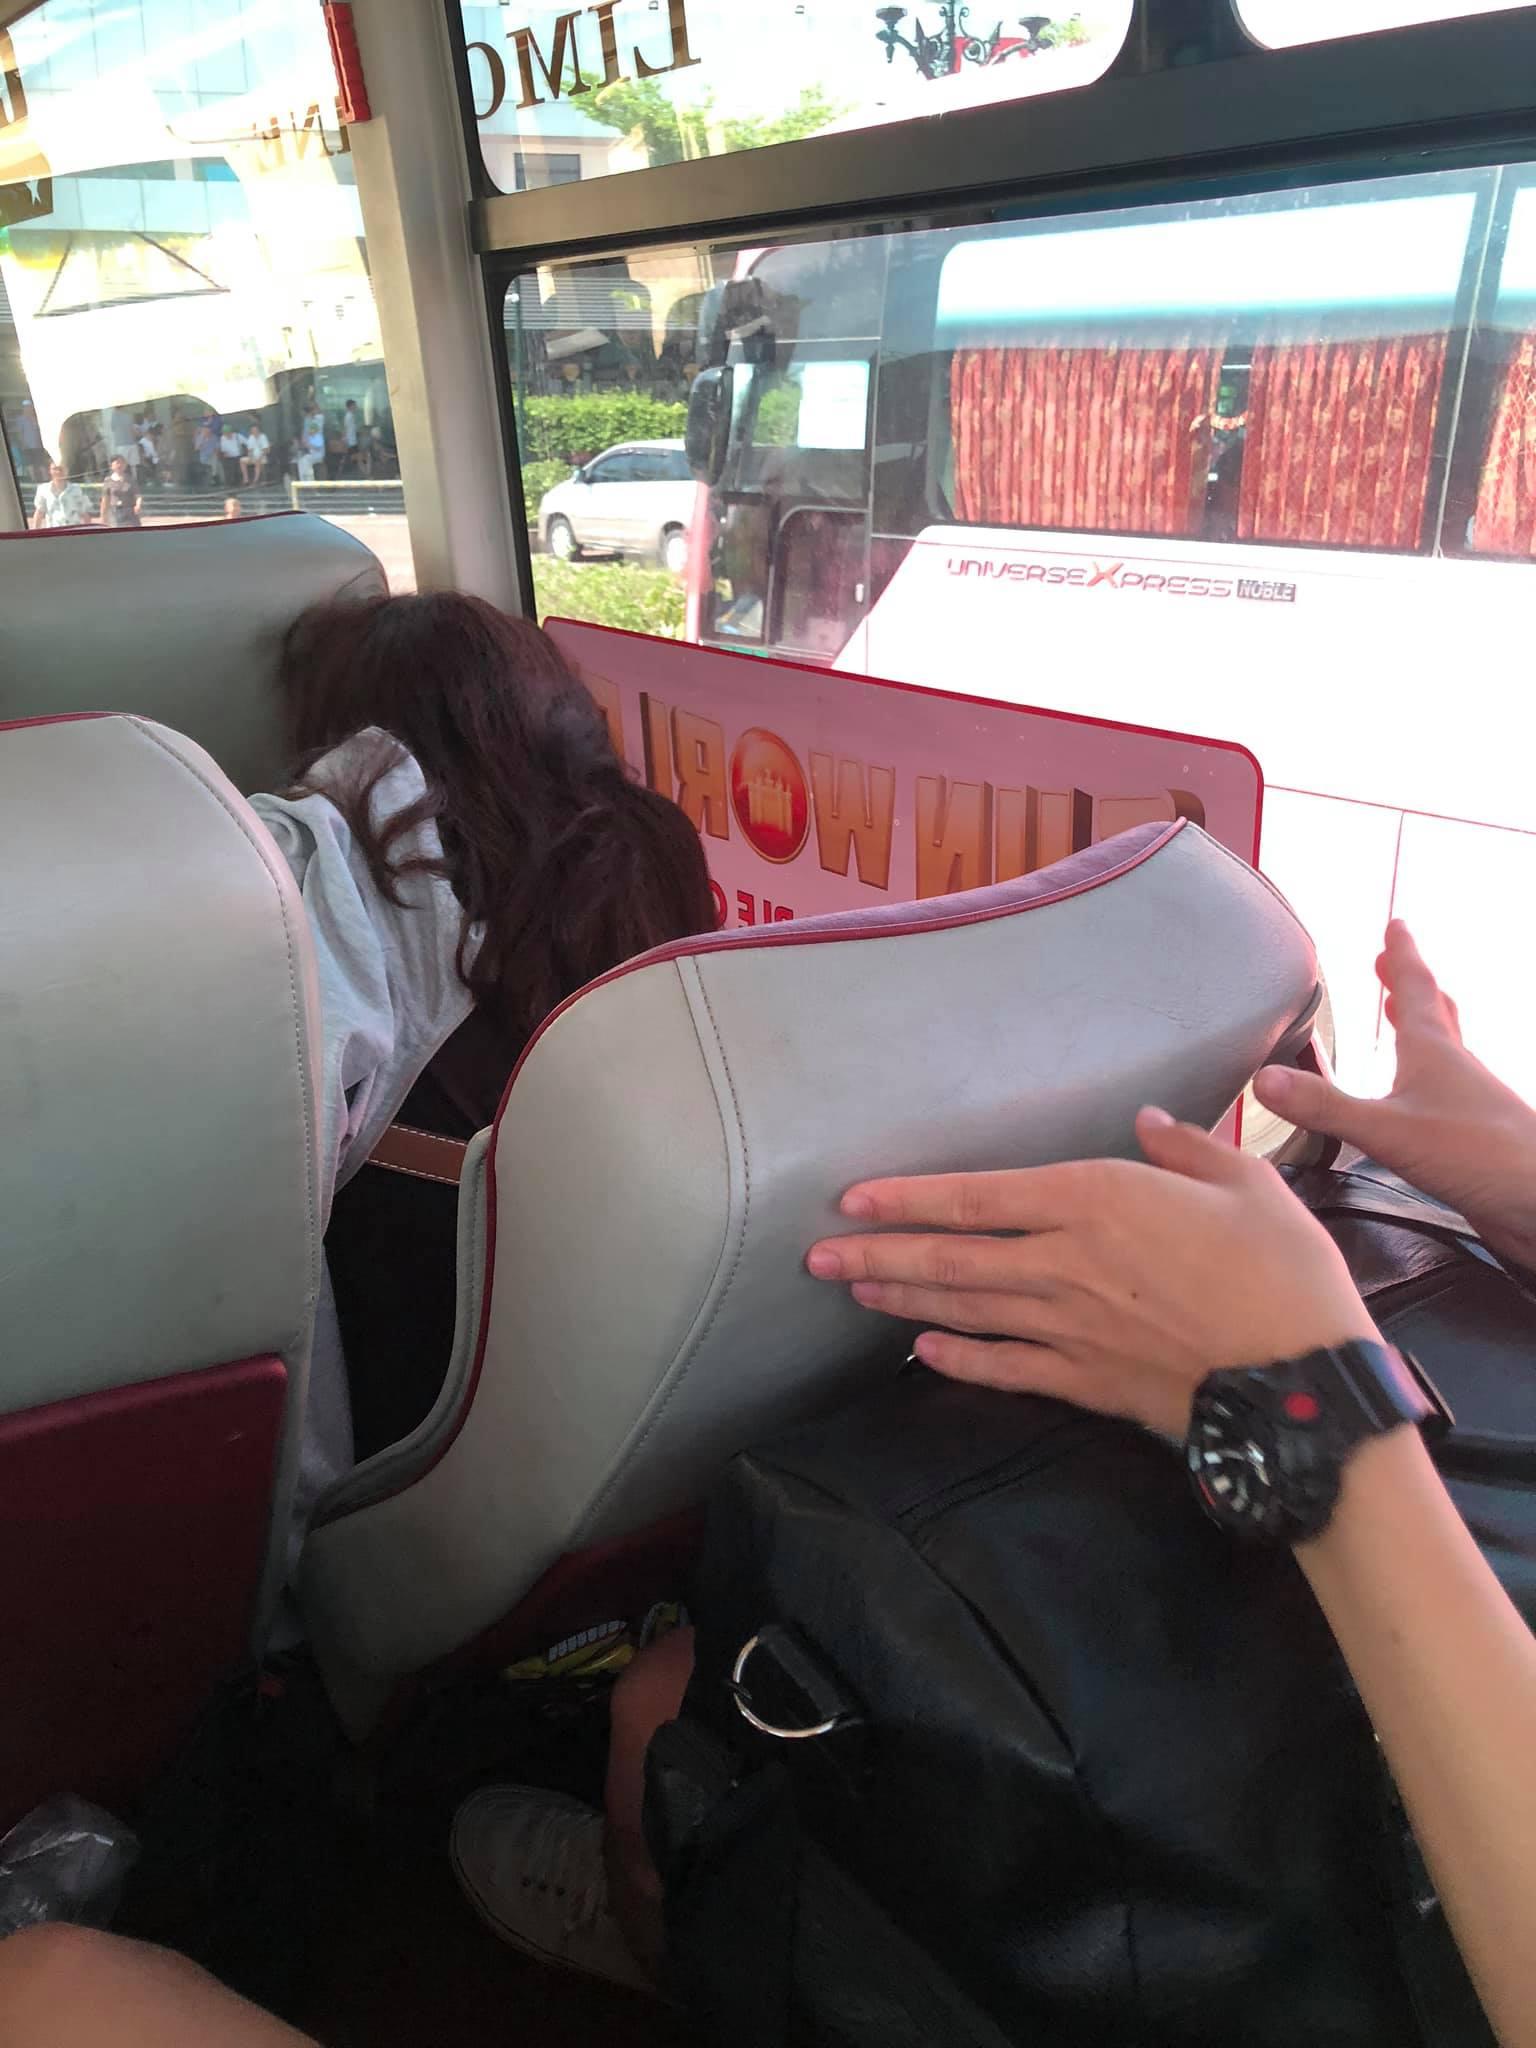 Hạ ghế đè lên người phía sau trên xe khách, được nhắc nhở người phụ nữ này còn có thái độ ngang ngược, thách thức - Ảnh 1.